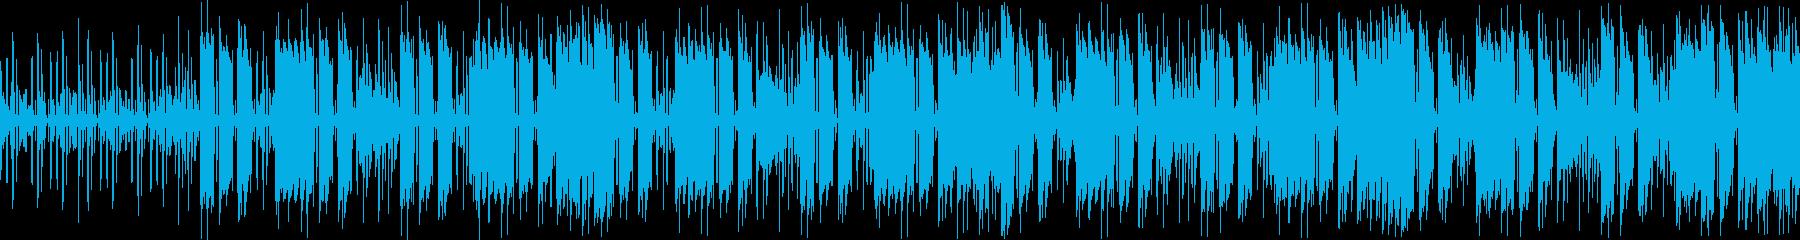 ベースとギターのクールなループ曲の再生済みの波形